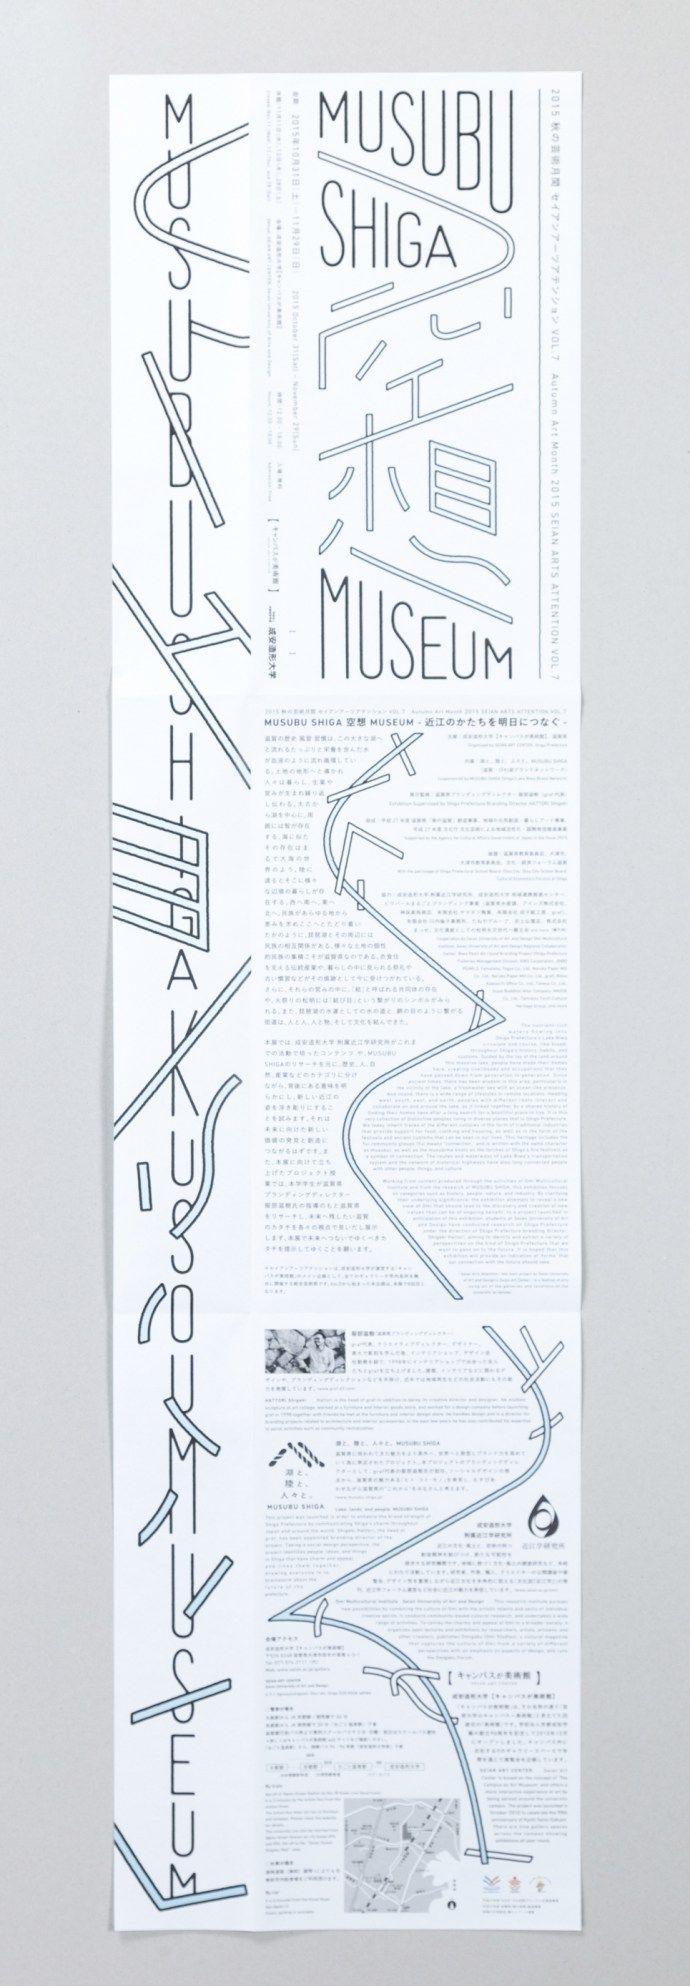 空想博物館 DM 設計 | MyDesy 淘靈感